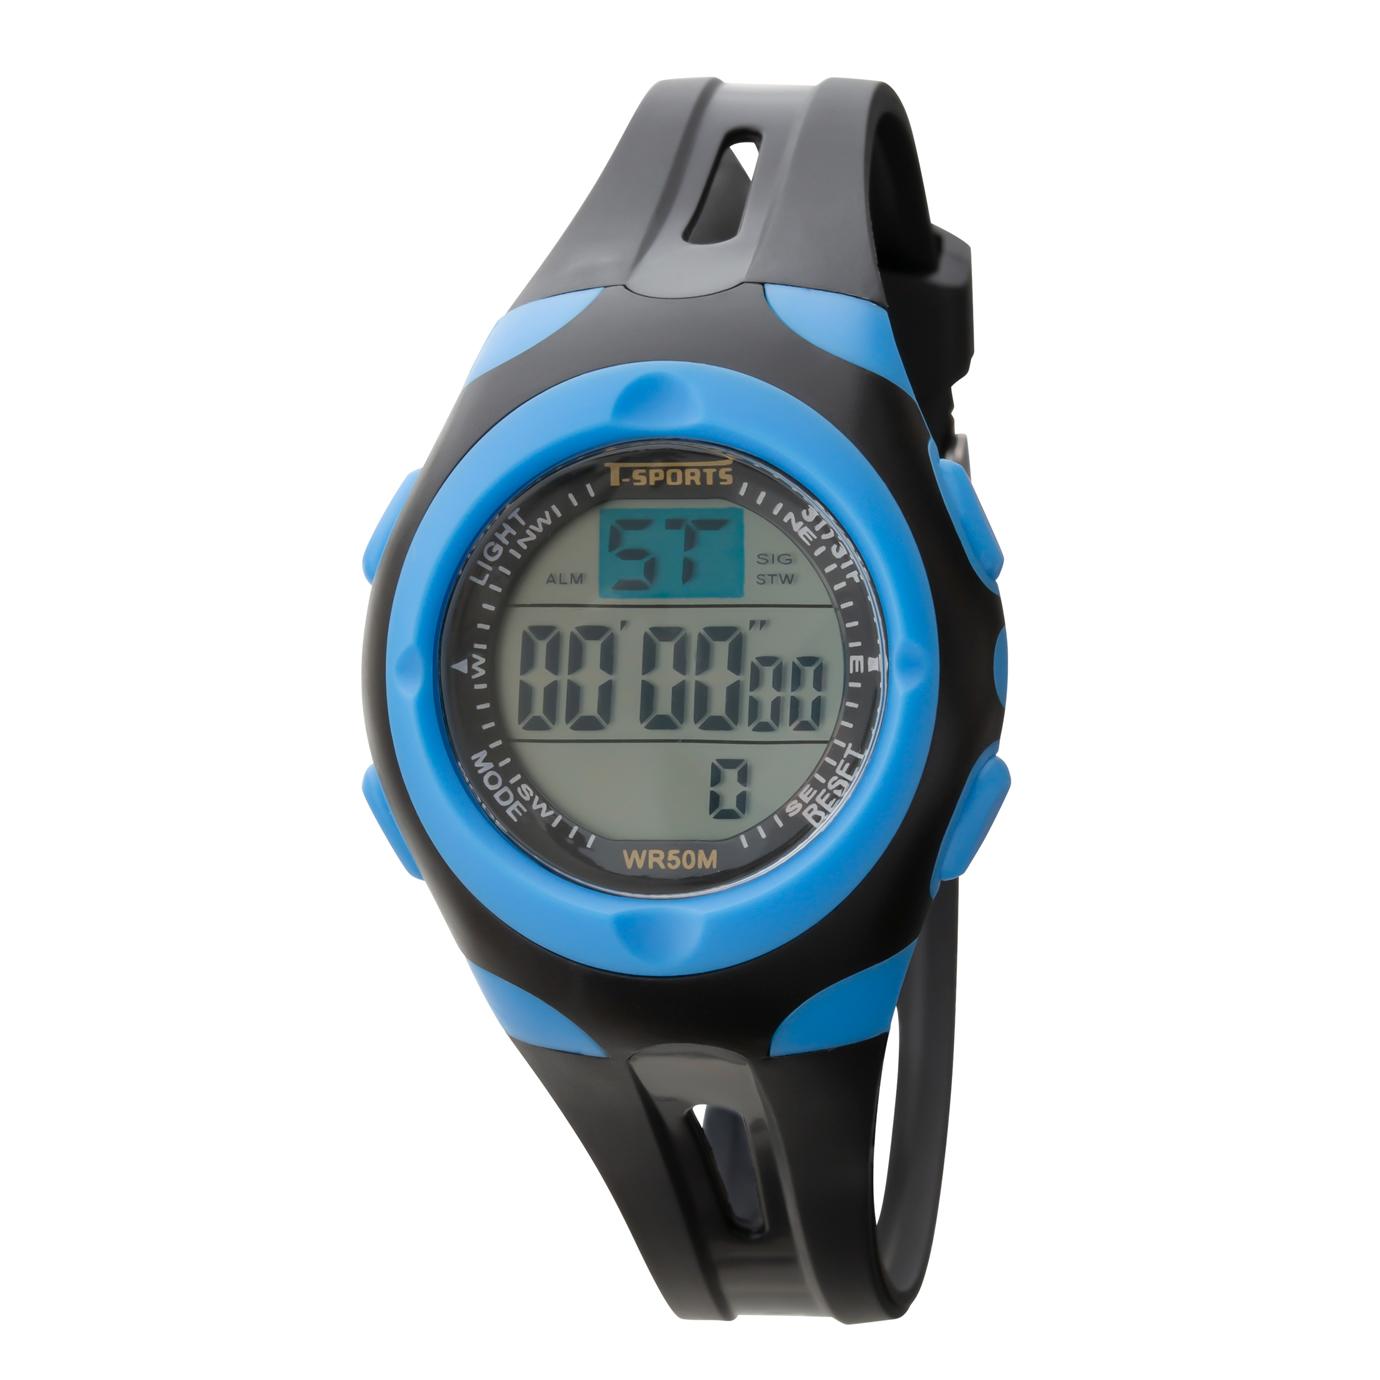 T-SPORTS ティースポーツ デジタルウオッチ 腕時計【TS-D157】